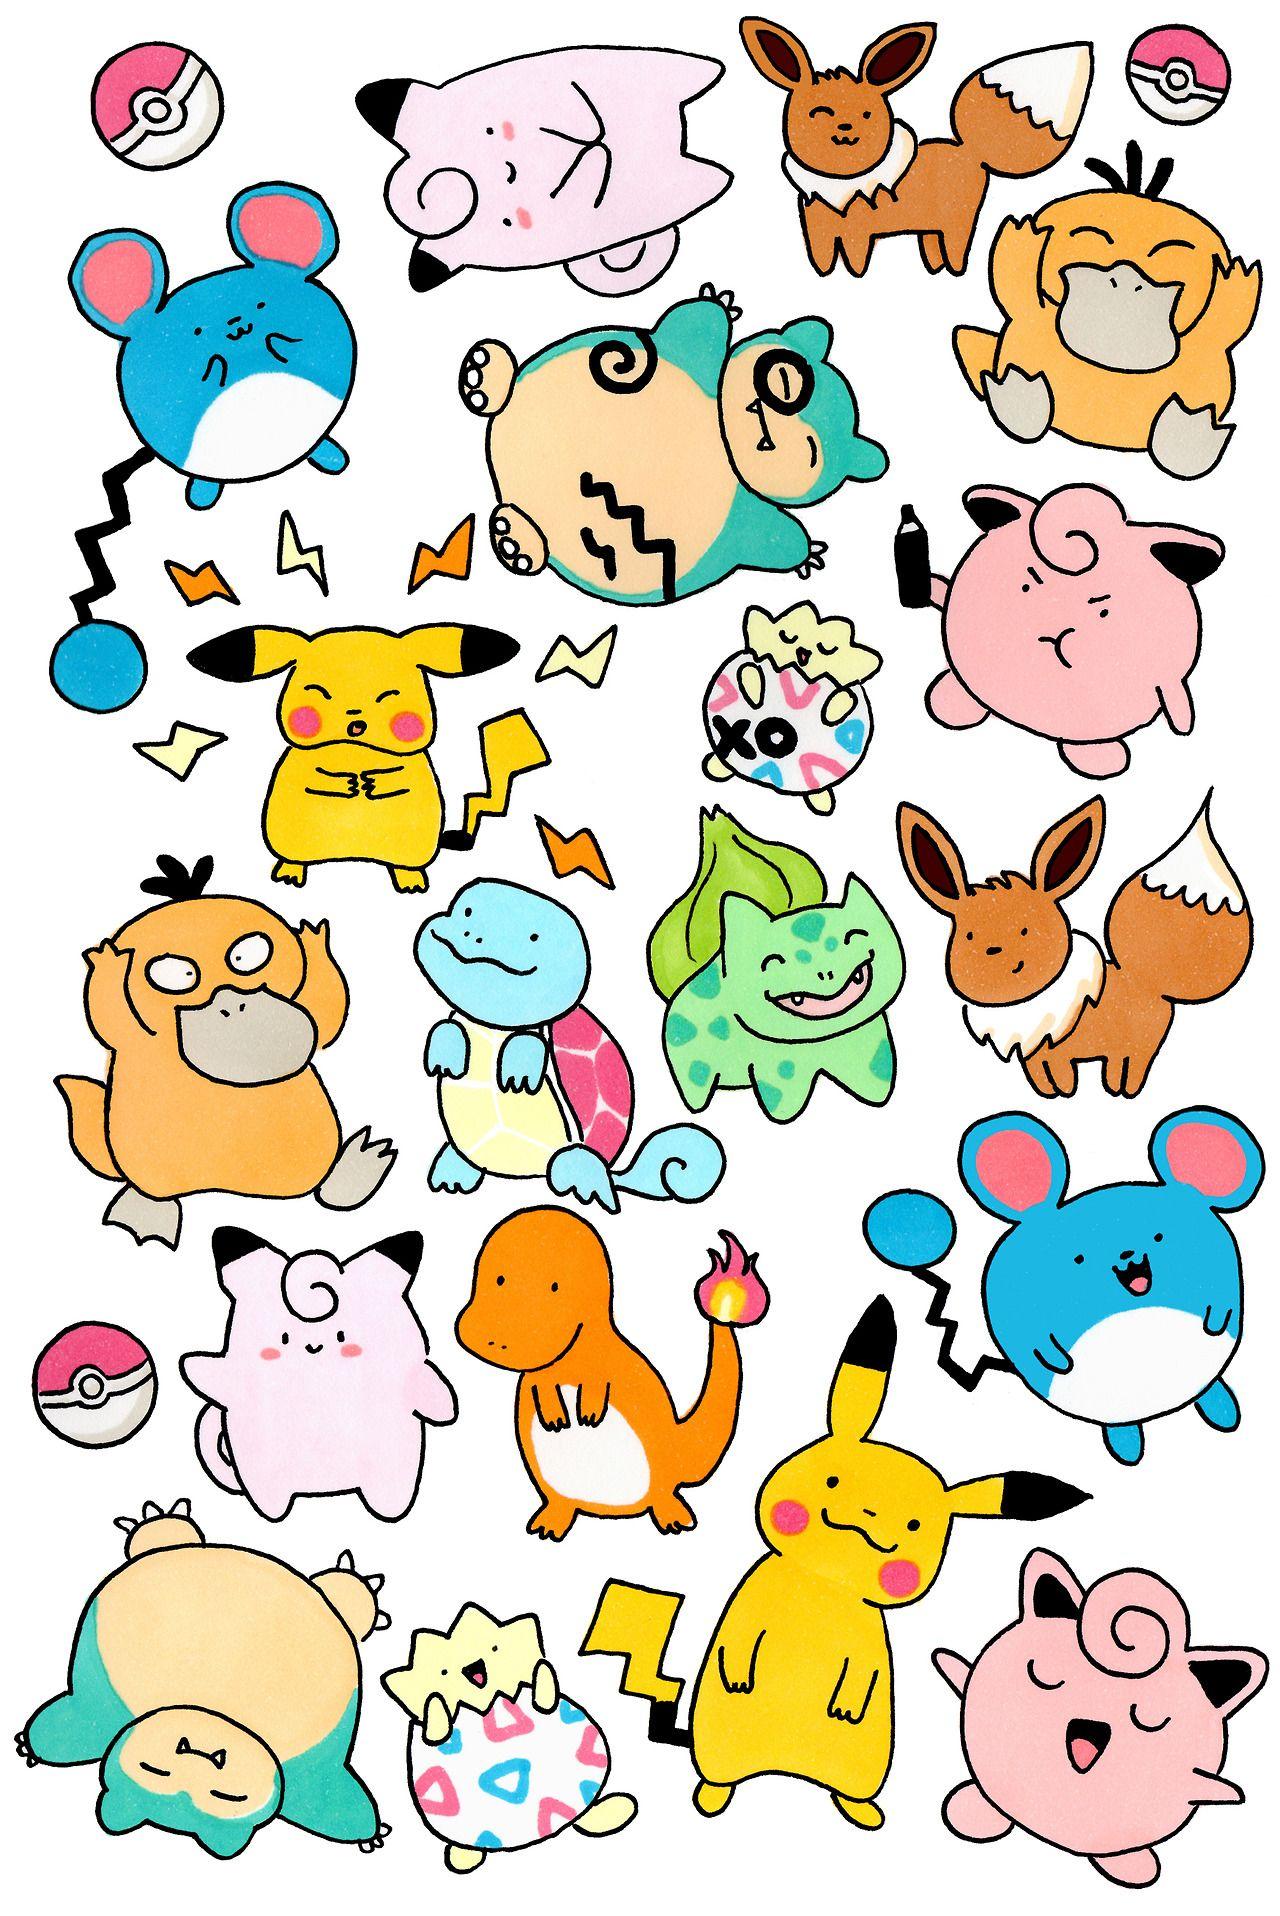 Pokemon Doodles 3 手描きのイラスト イラスト 手書き かわいい イラスト 手書き